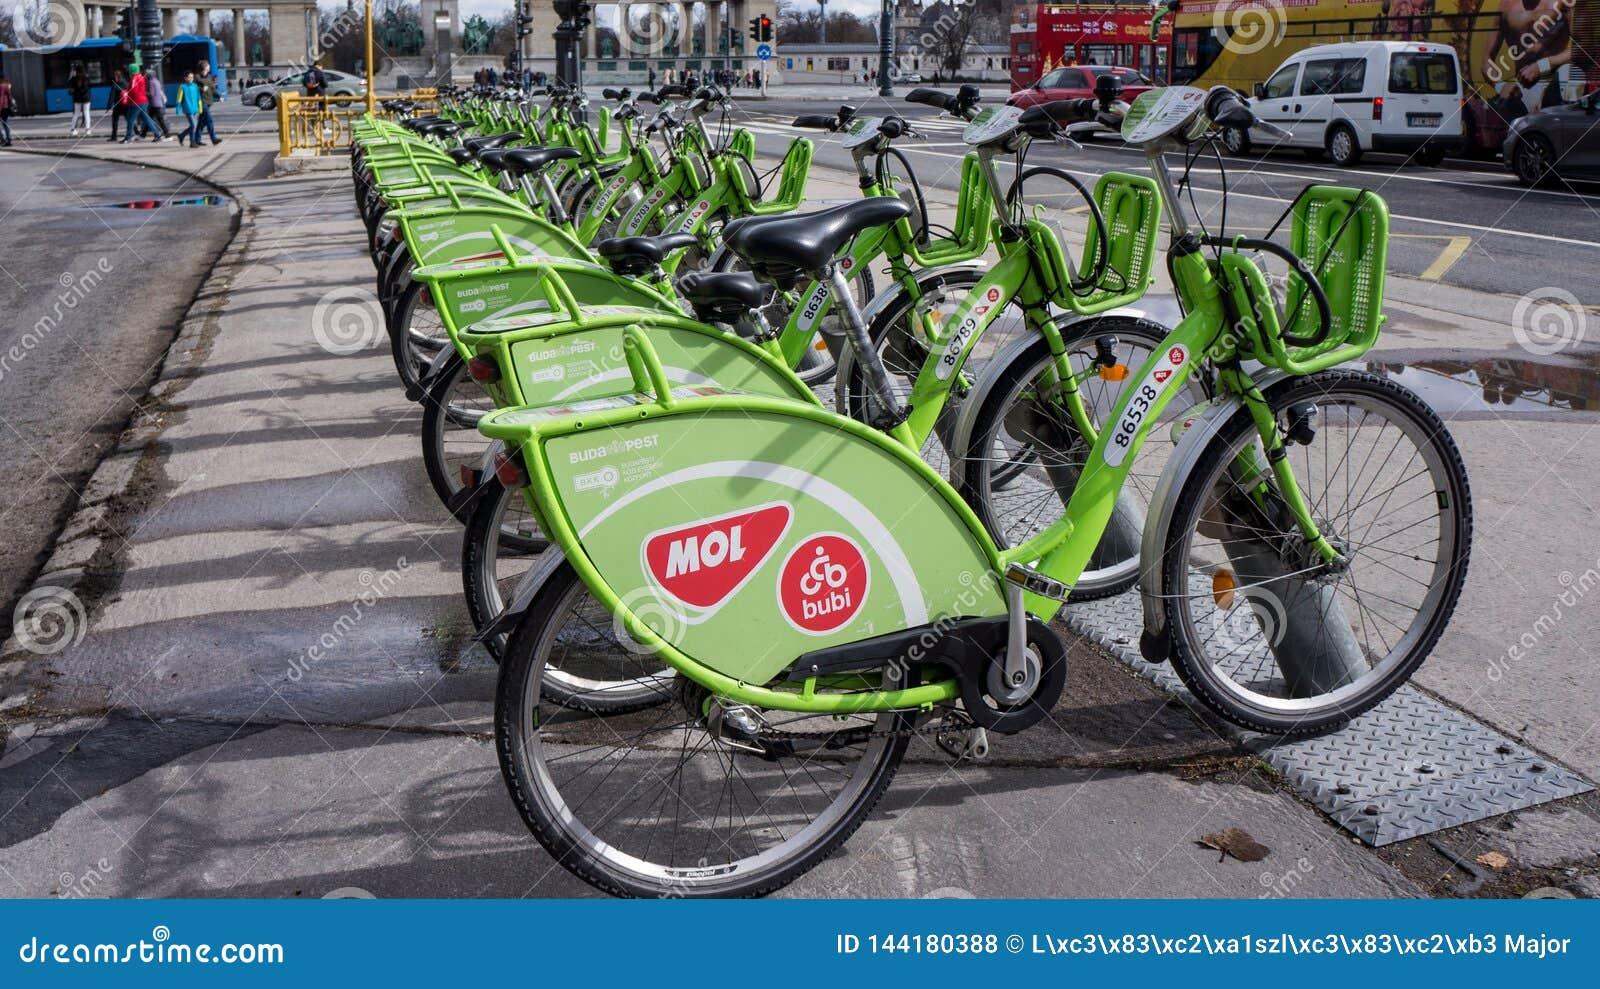 Budapest, Ungarn, am 15. März 2019: Miete BuBi Mol eine Fahrradstation in Andrassy-Straße